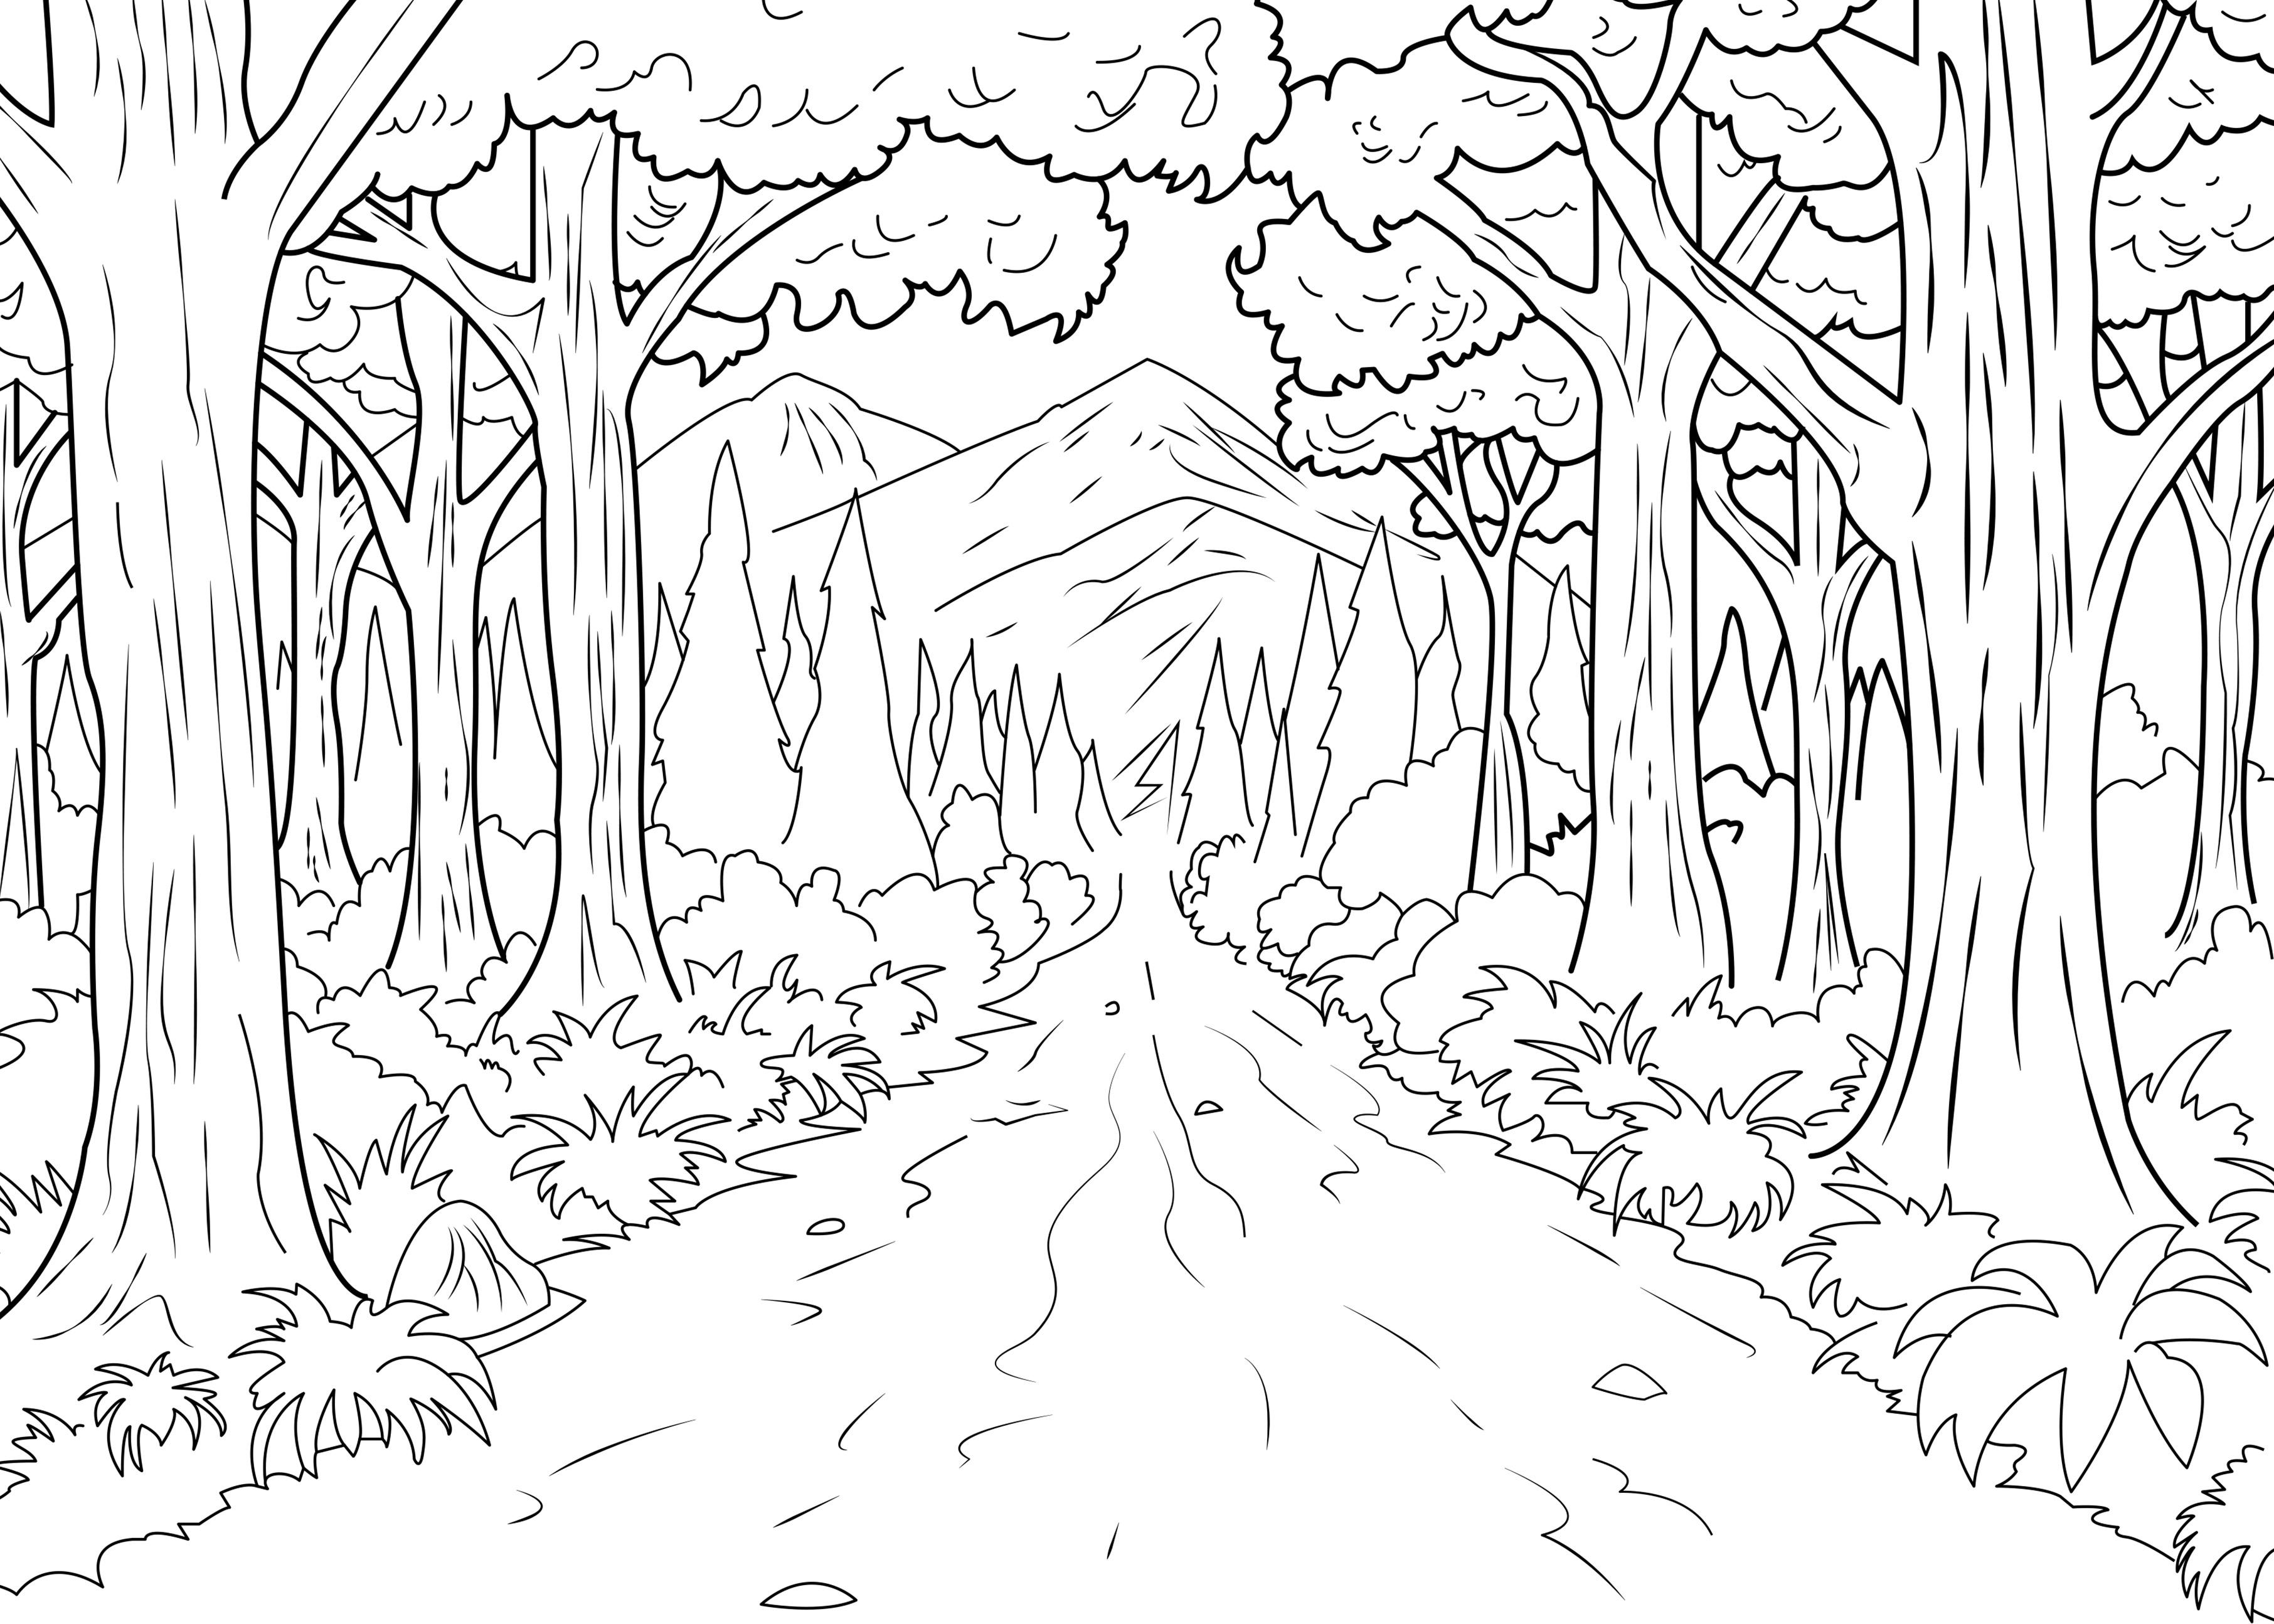 Giungla E Foresta 73490 Giungla E Foresta Disegni Da Colorare